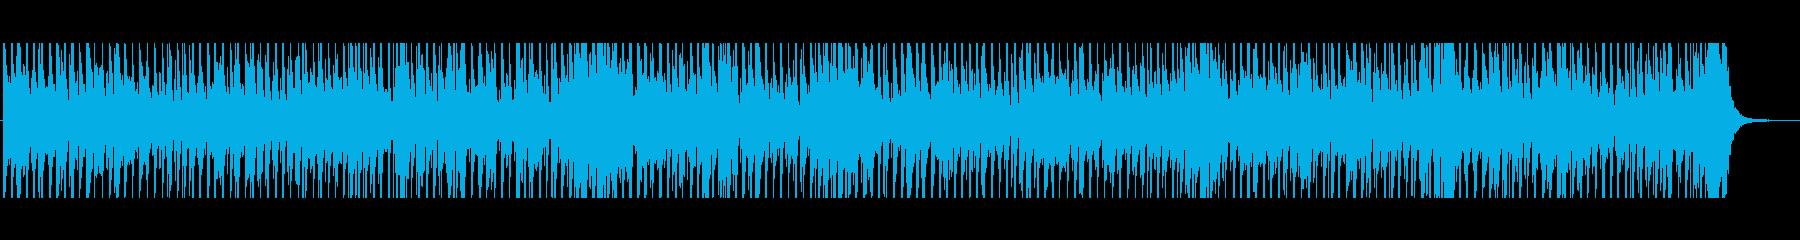 楽し気なカントリーフォークの再生済みの波形